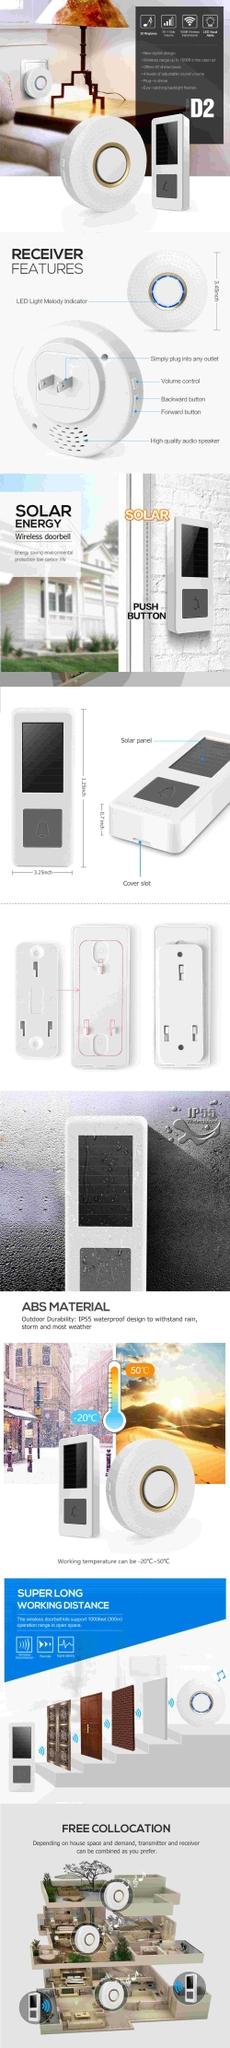 Forrinx model D2 52 Ring song mini wireless doorbell 2 transmitter 1 receivers Wireless Door Bell